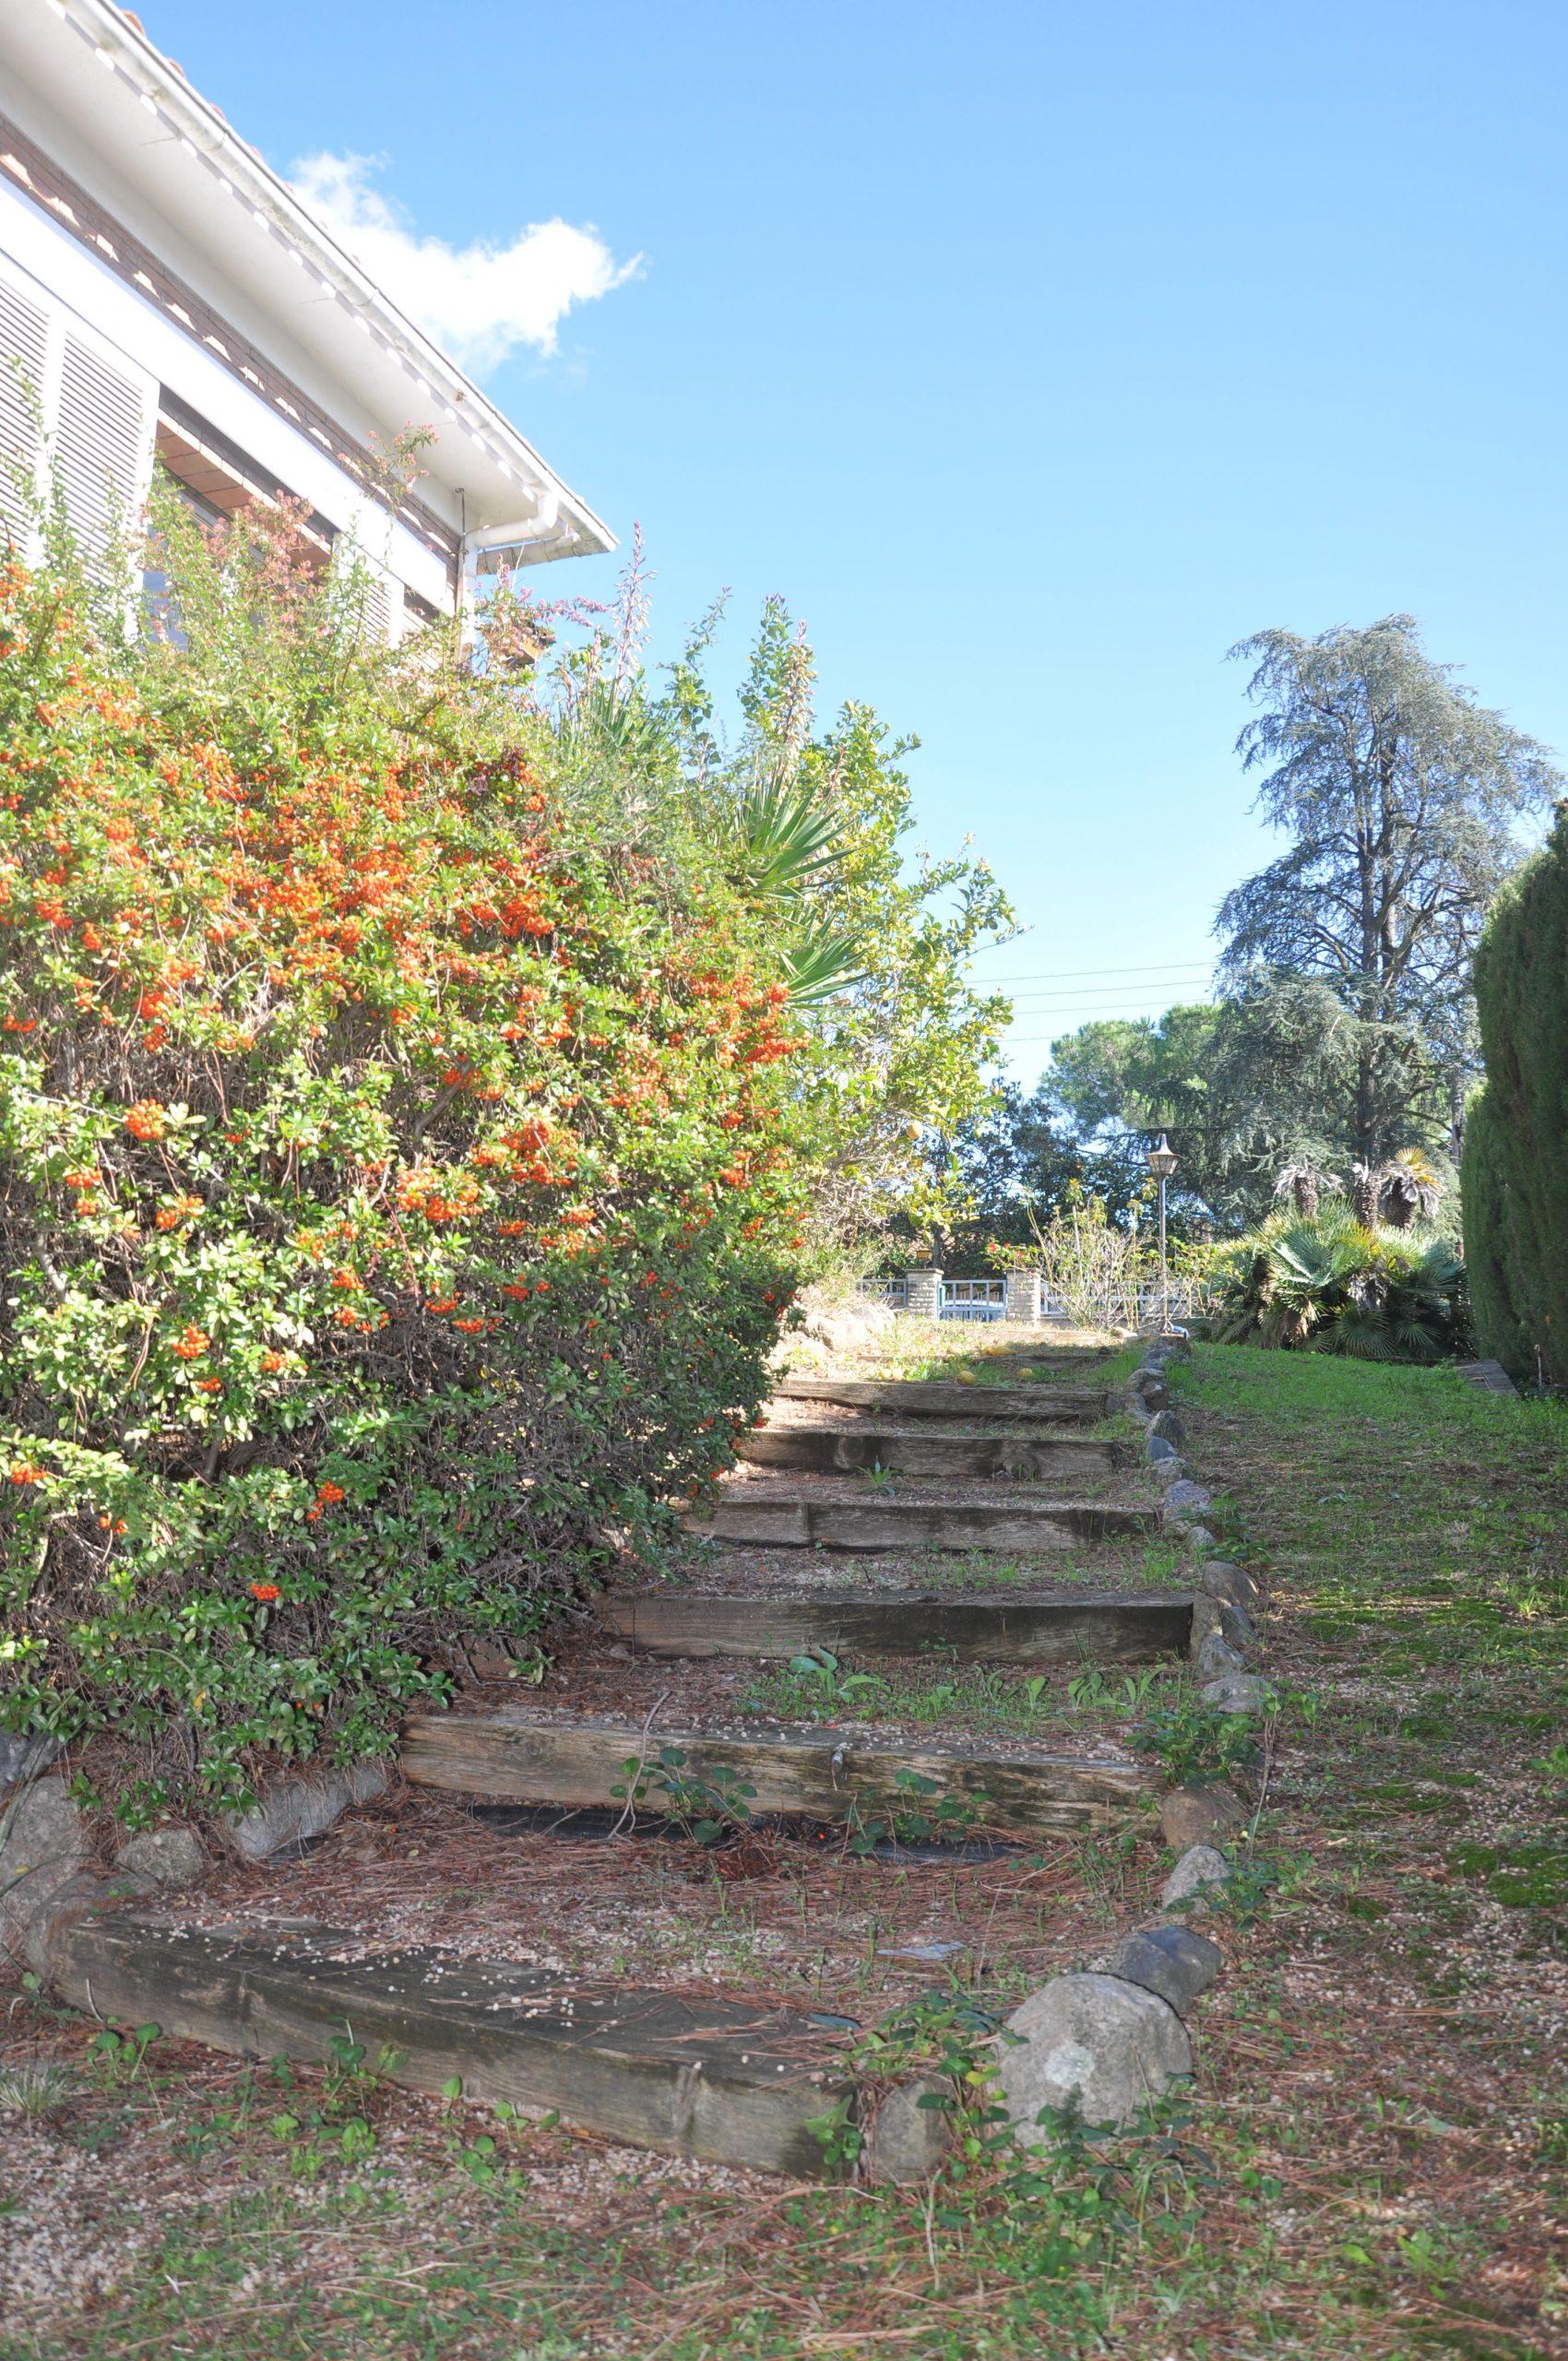 camino jardin lateral Puigllançada 29